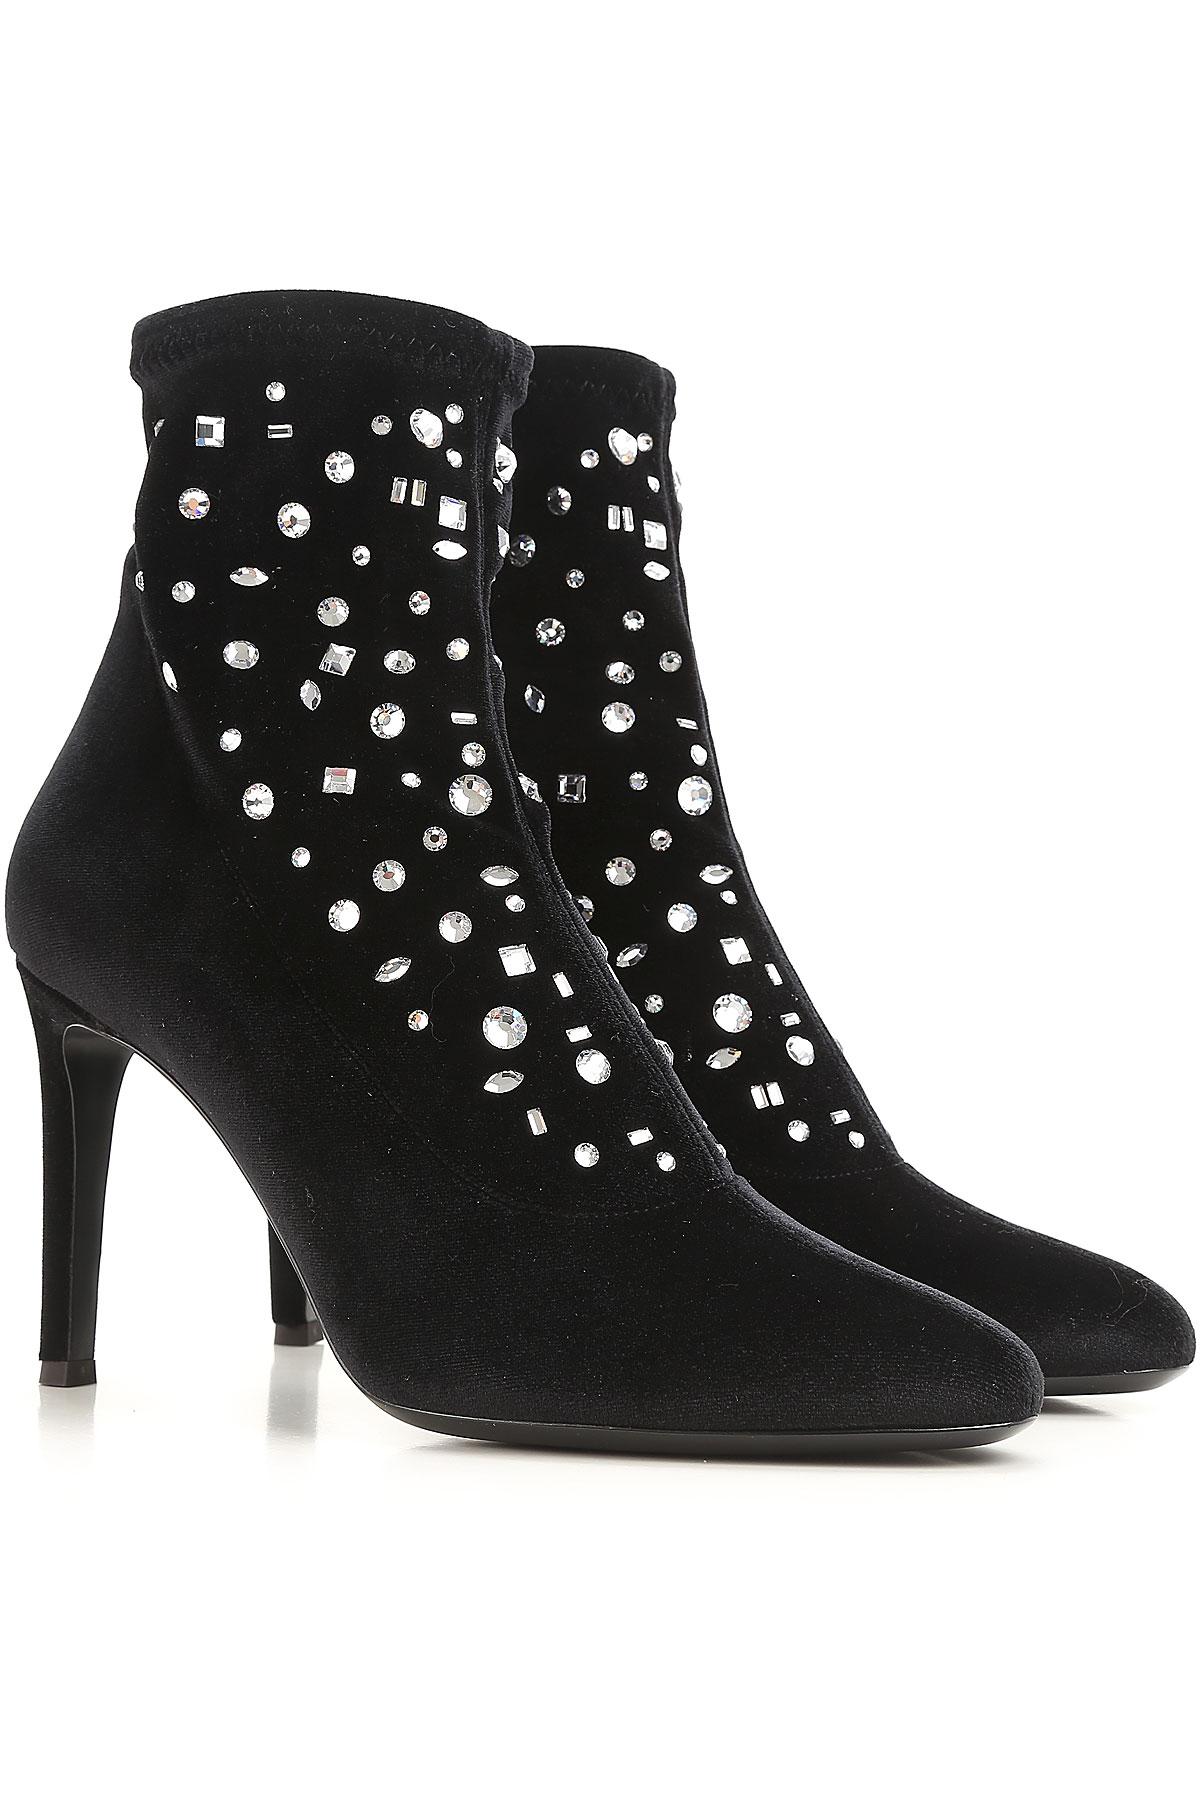 Giuseppe Zanotti Design Boots for Women, Booties On Sale in Outlet, Black, Velvet, 2019, 10 9